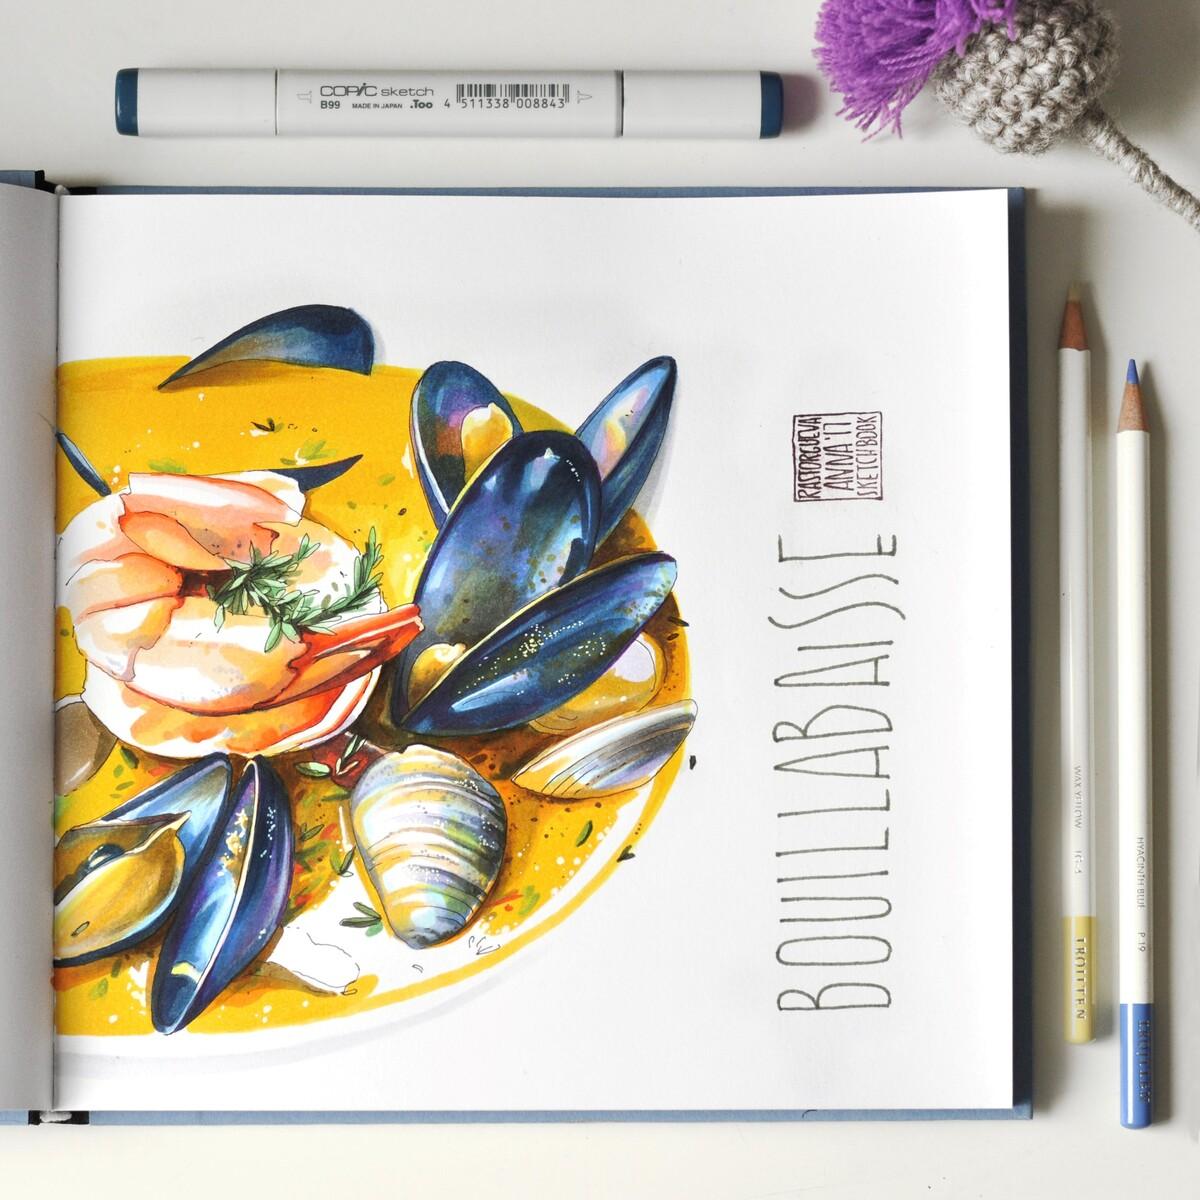 <p> Буйабес &mdash;&nbsp;традиционный суп французской ривьеры. <br>Вдохновляющее разнообразие форм морепродуктов и их переливы в ярком и насыщенном бульоне.</p>